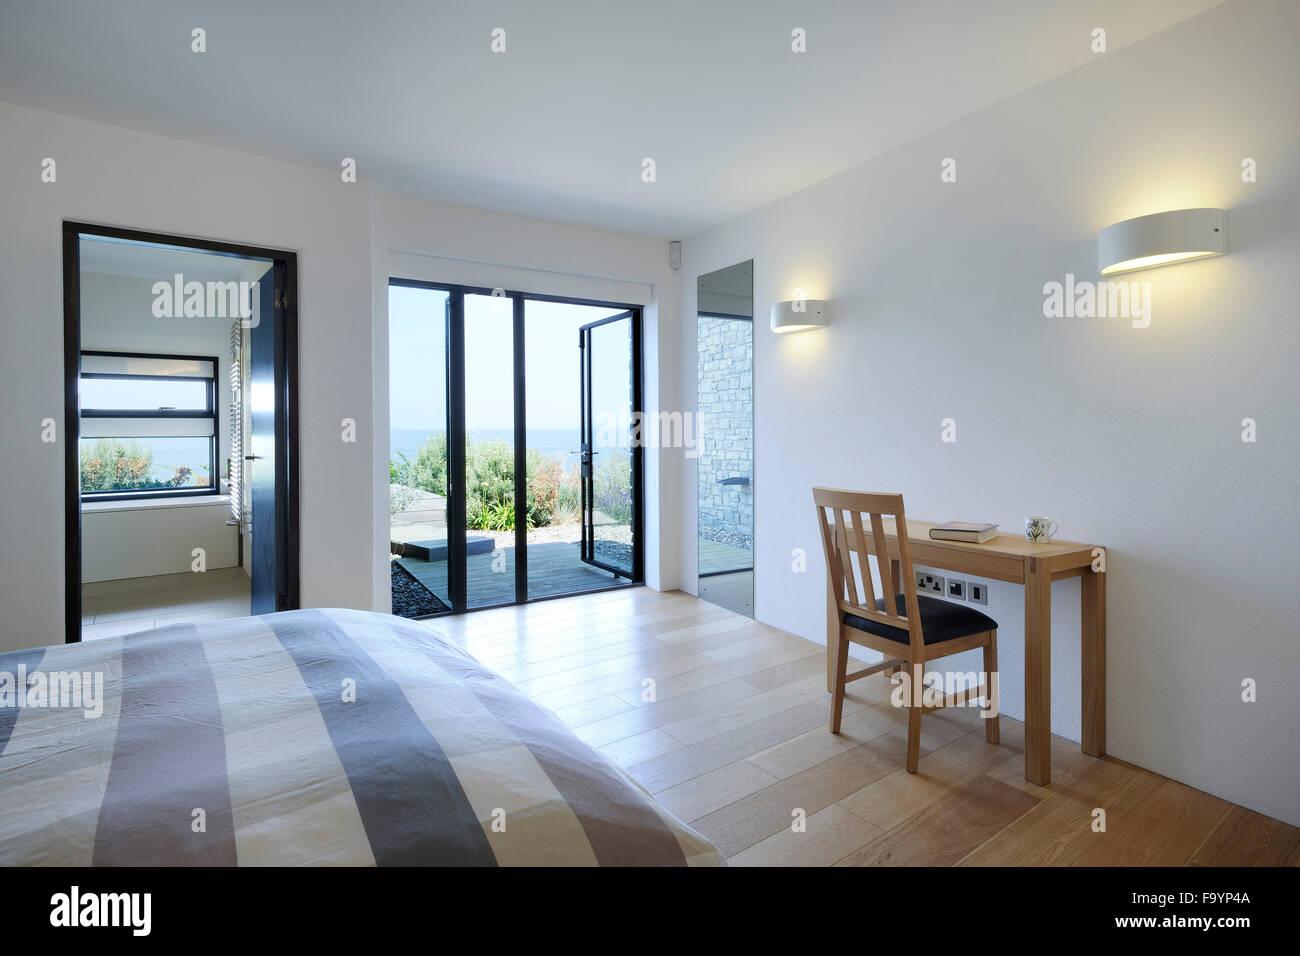 Divisori In Legno Per Interni gli spazi interni di una casa moderna sulla scogliera che si